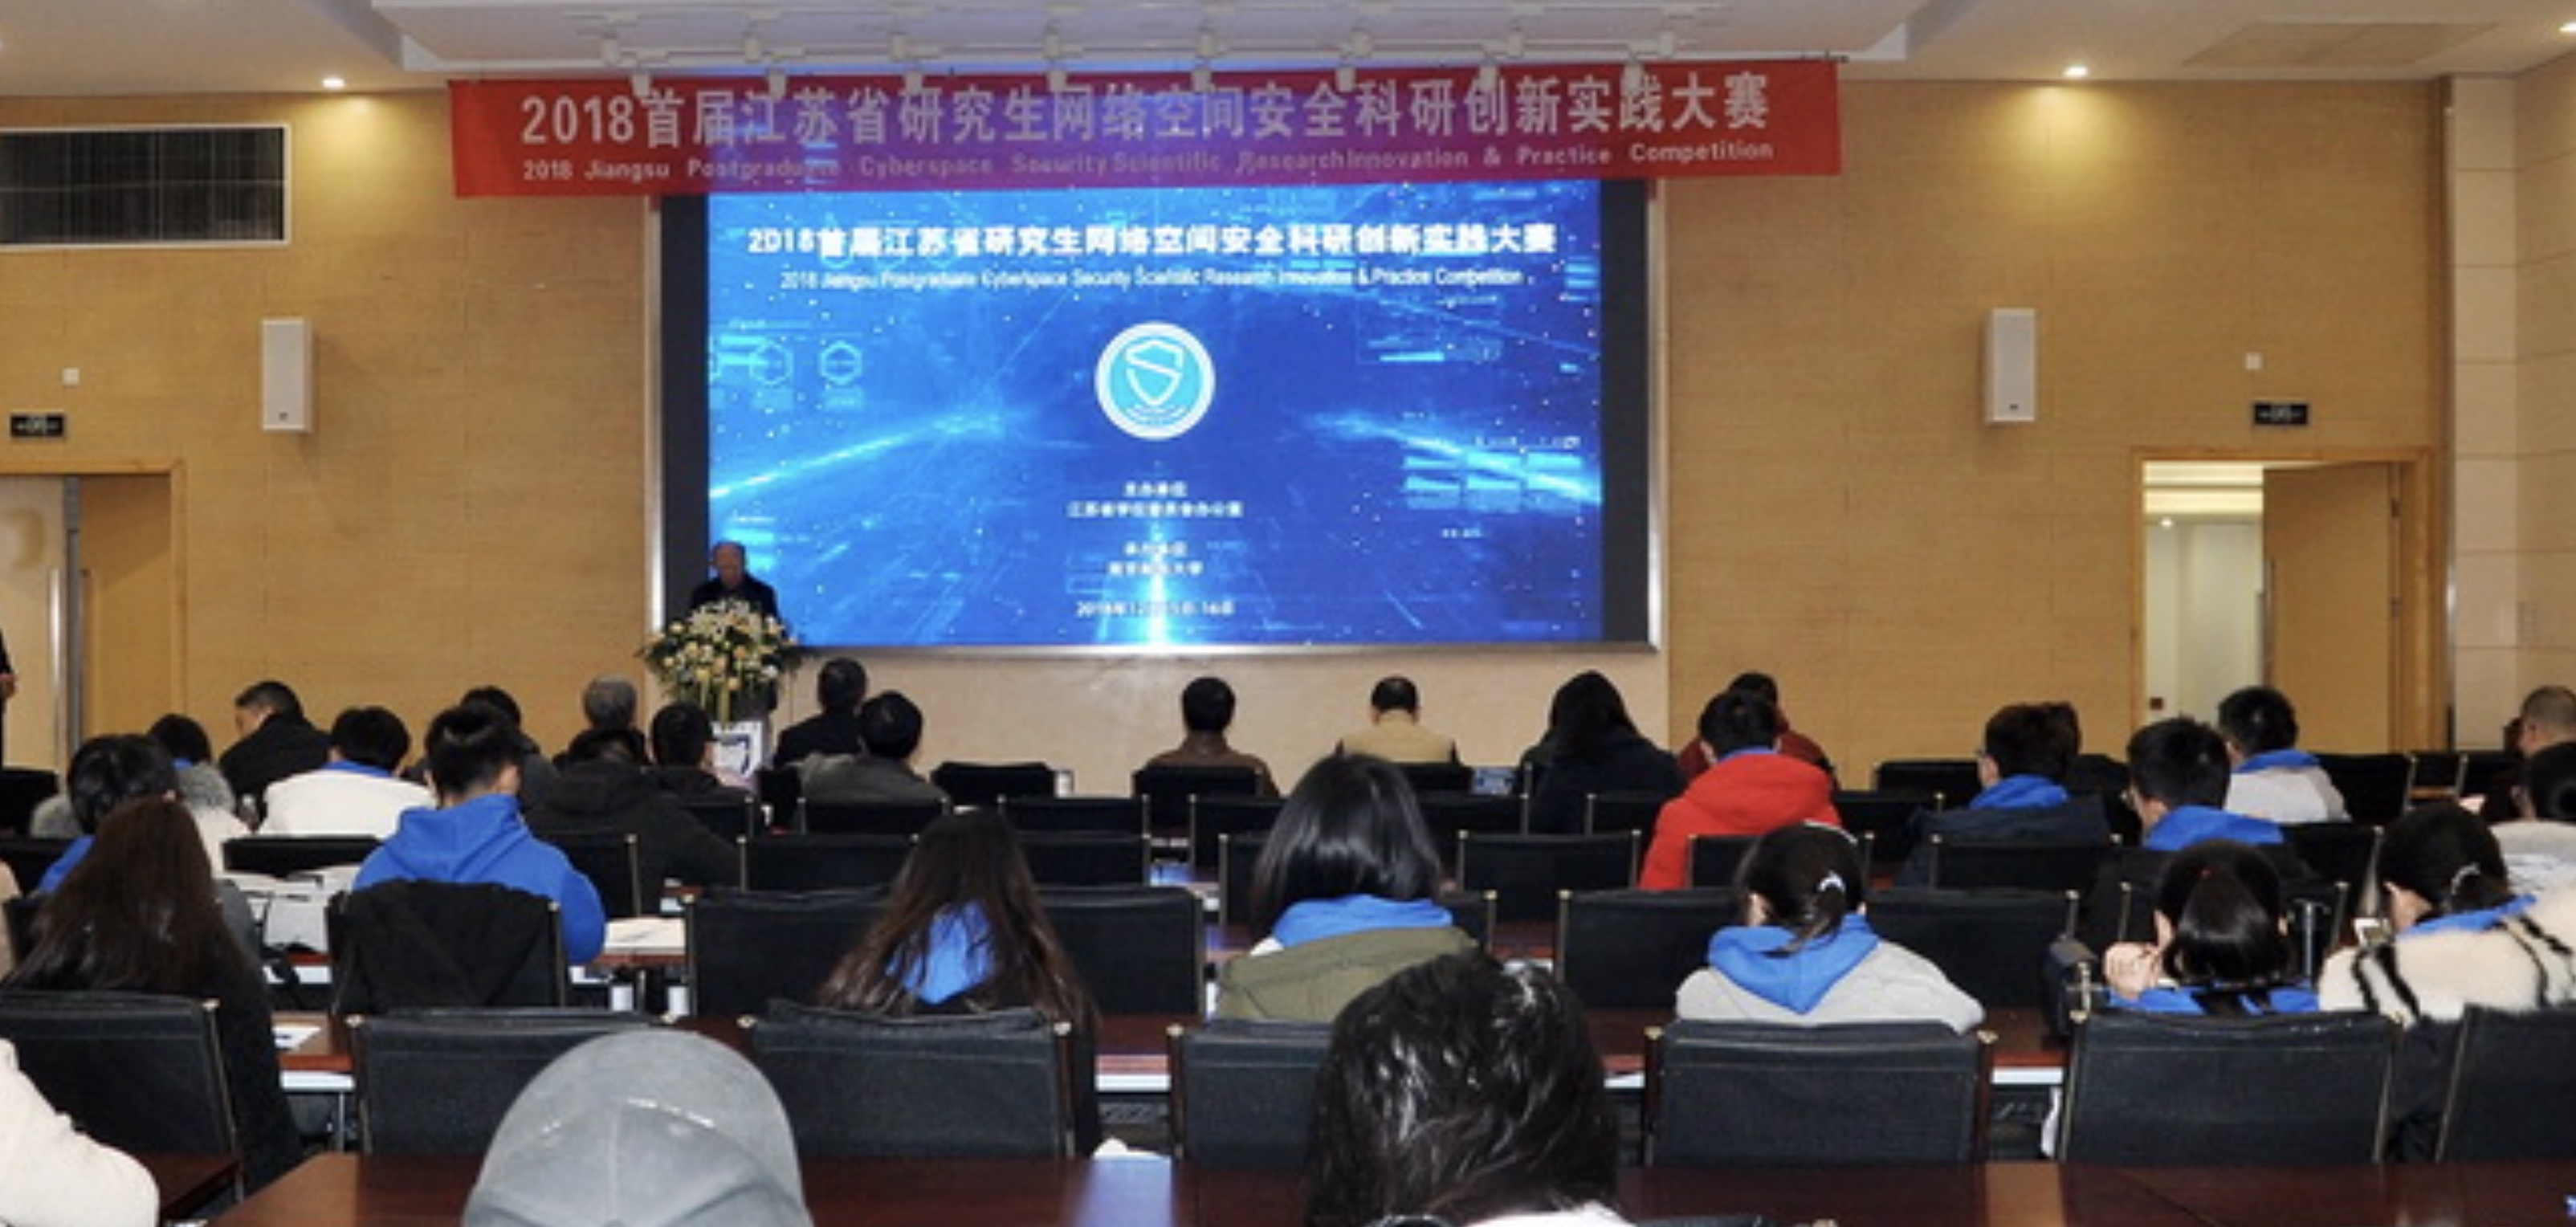 2018首届江苏省研究生网络空间安全科研创新实践大赛在南邮举行